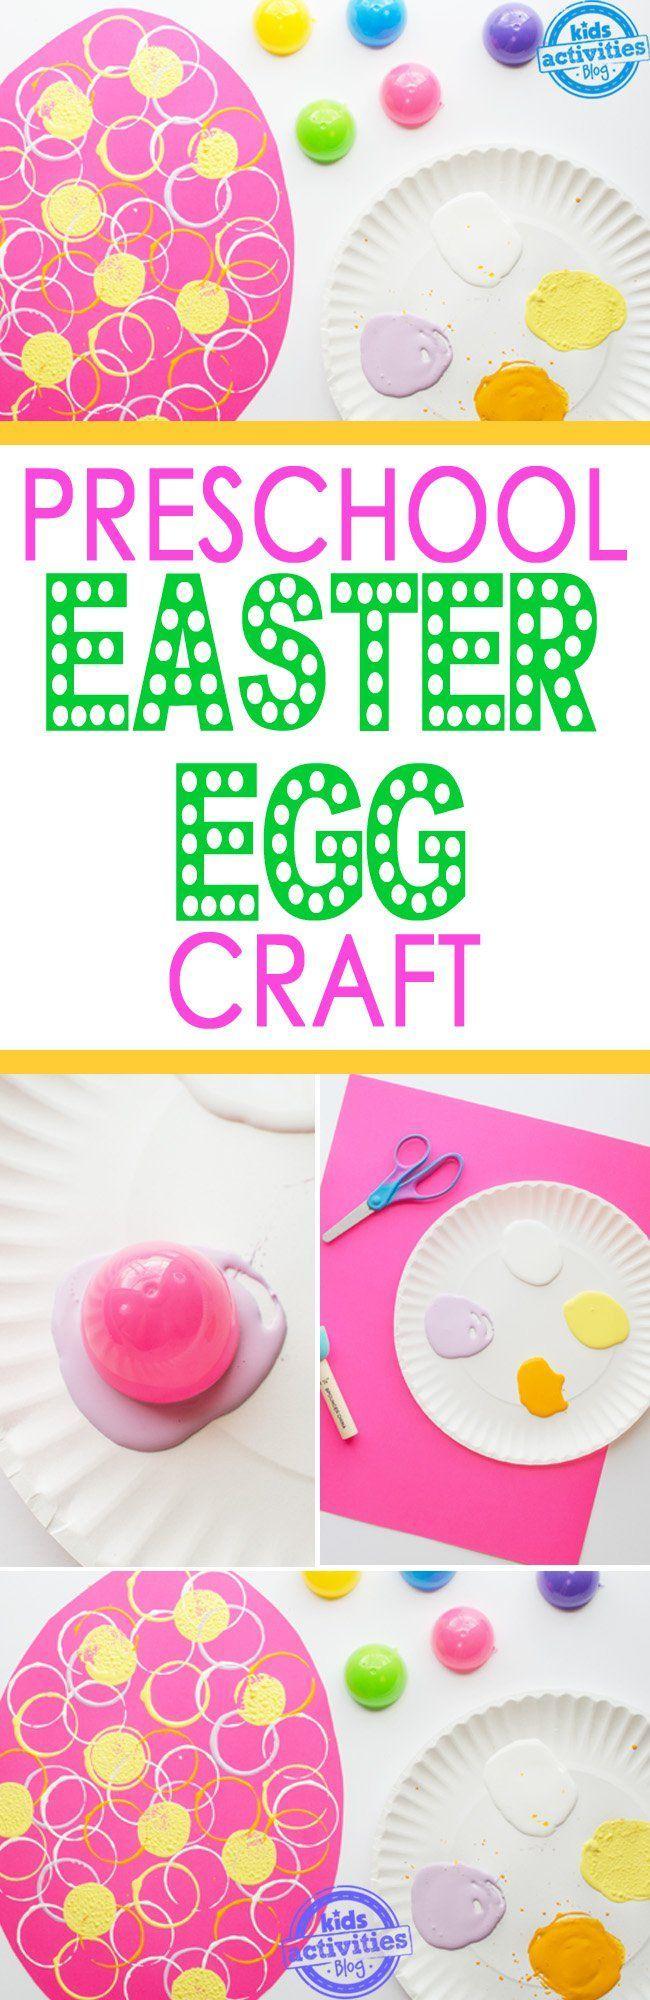 193 best Preschool Spring images on Pinterest | Activities, Craft ...